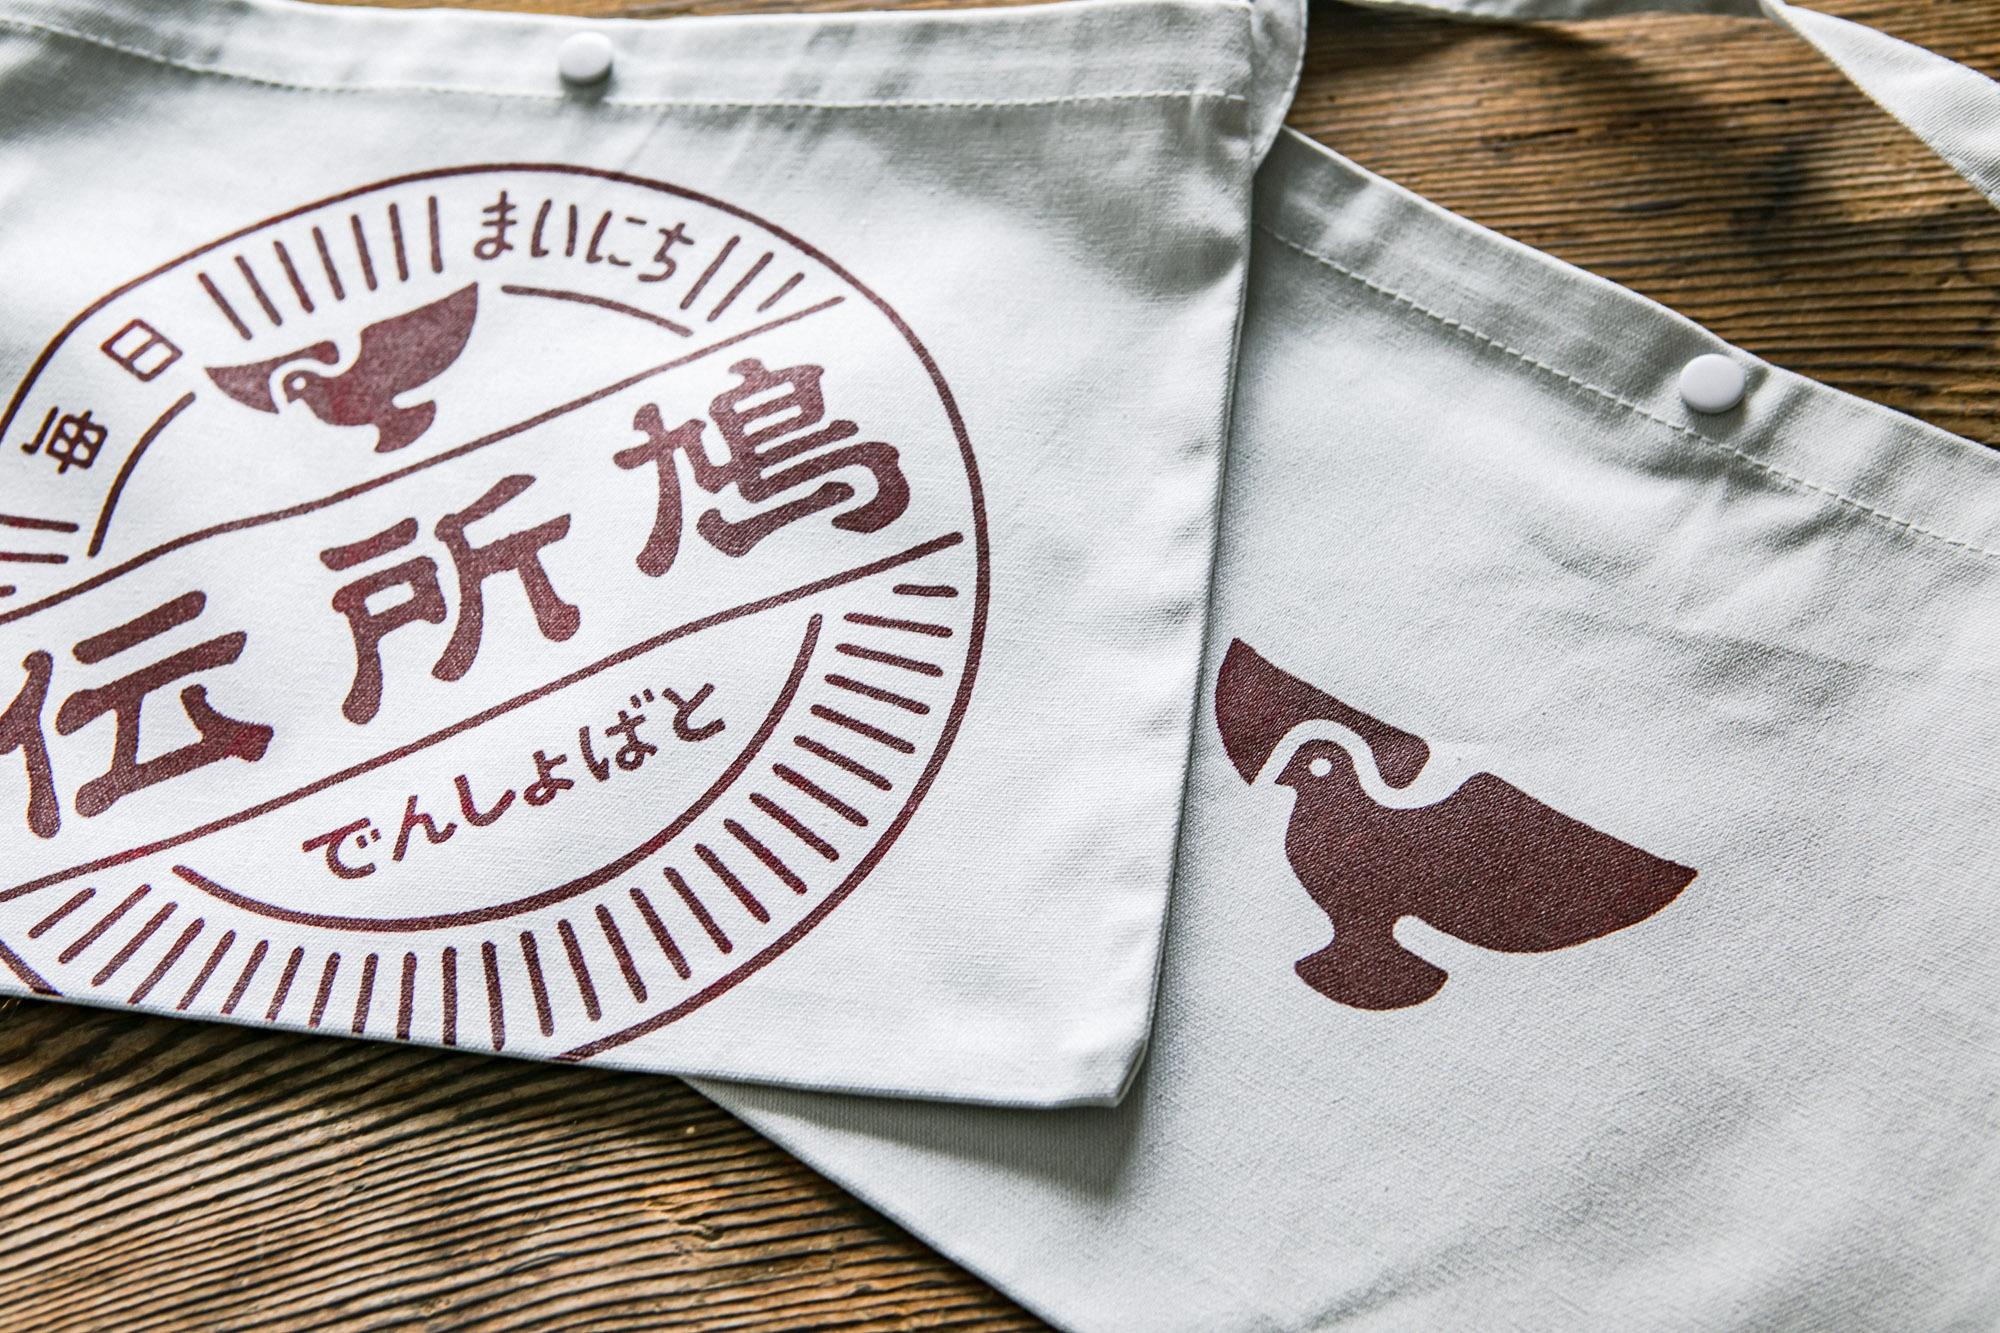 伝所鳩クラウドファンディングイベント本日より開催!